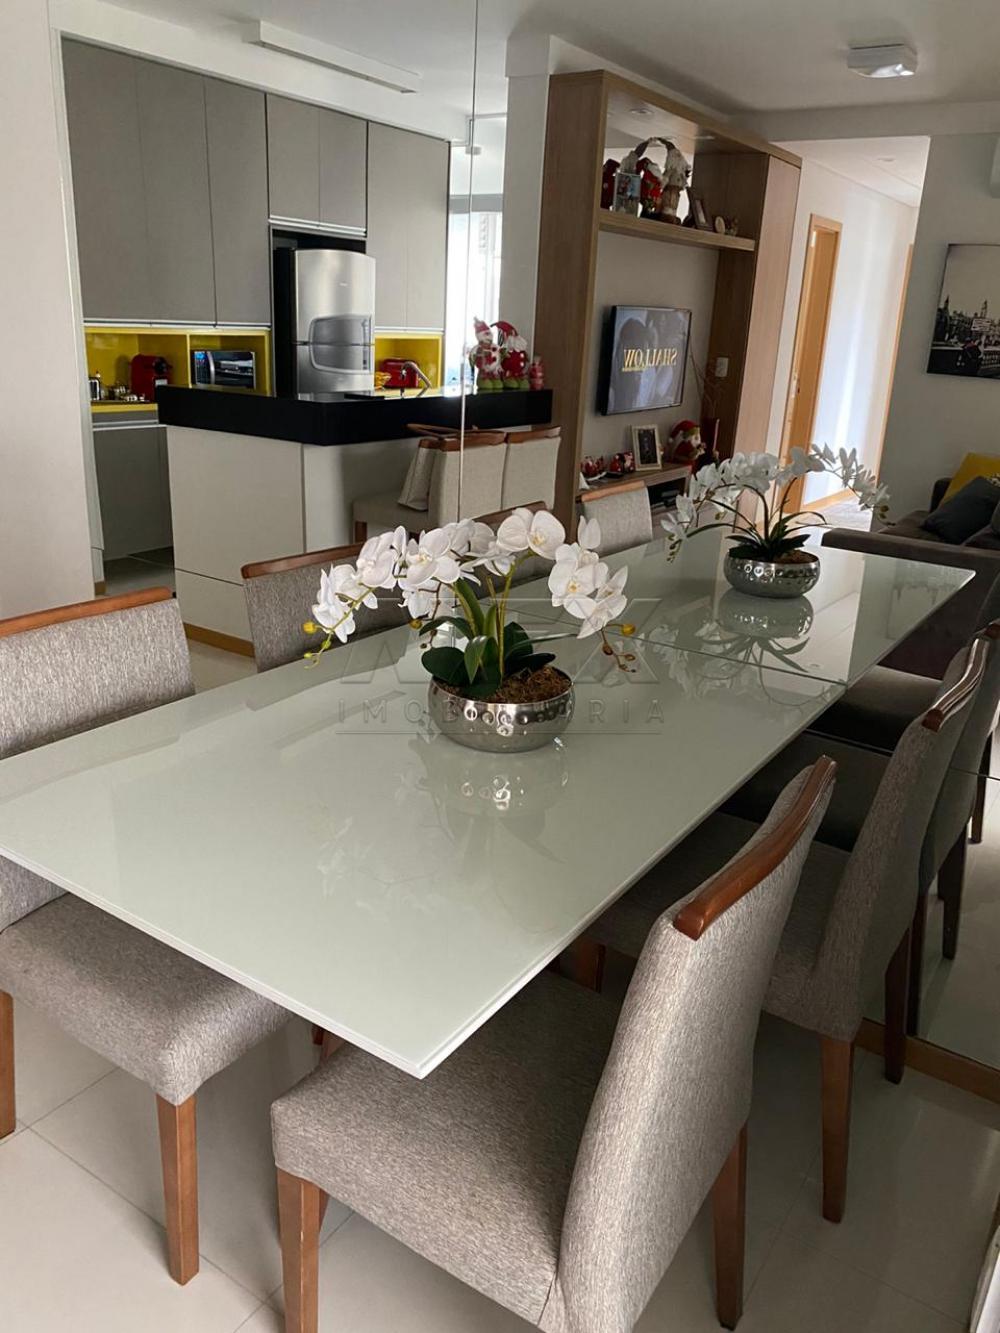 Comprar Apartamento / Padrão em Bauru R$ 580.000,00 - Foto 15